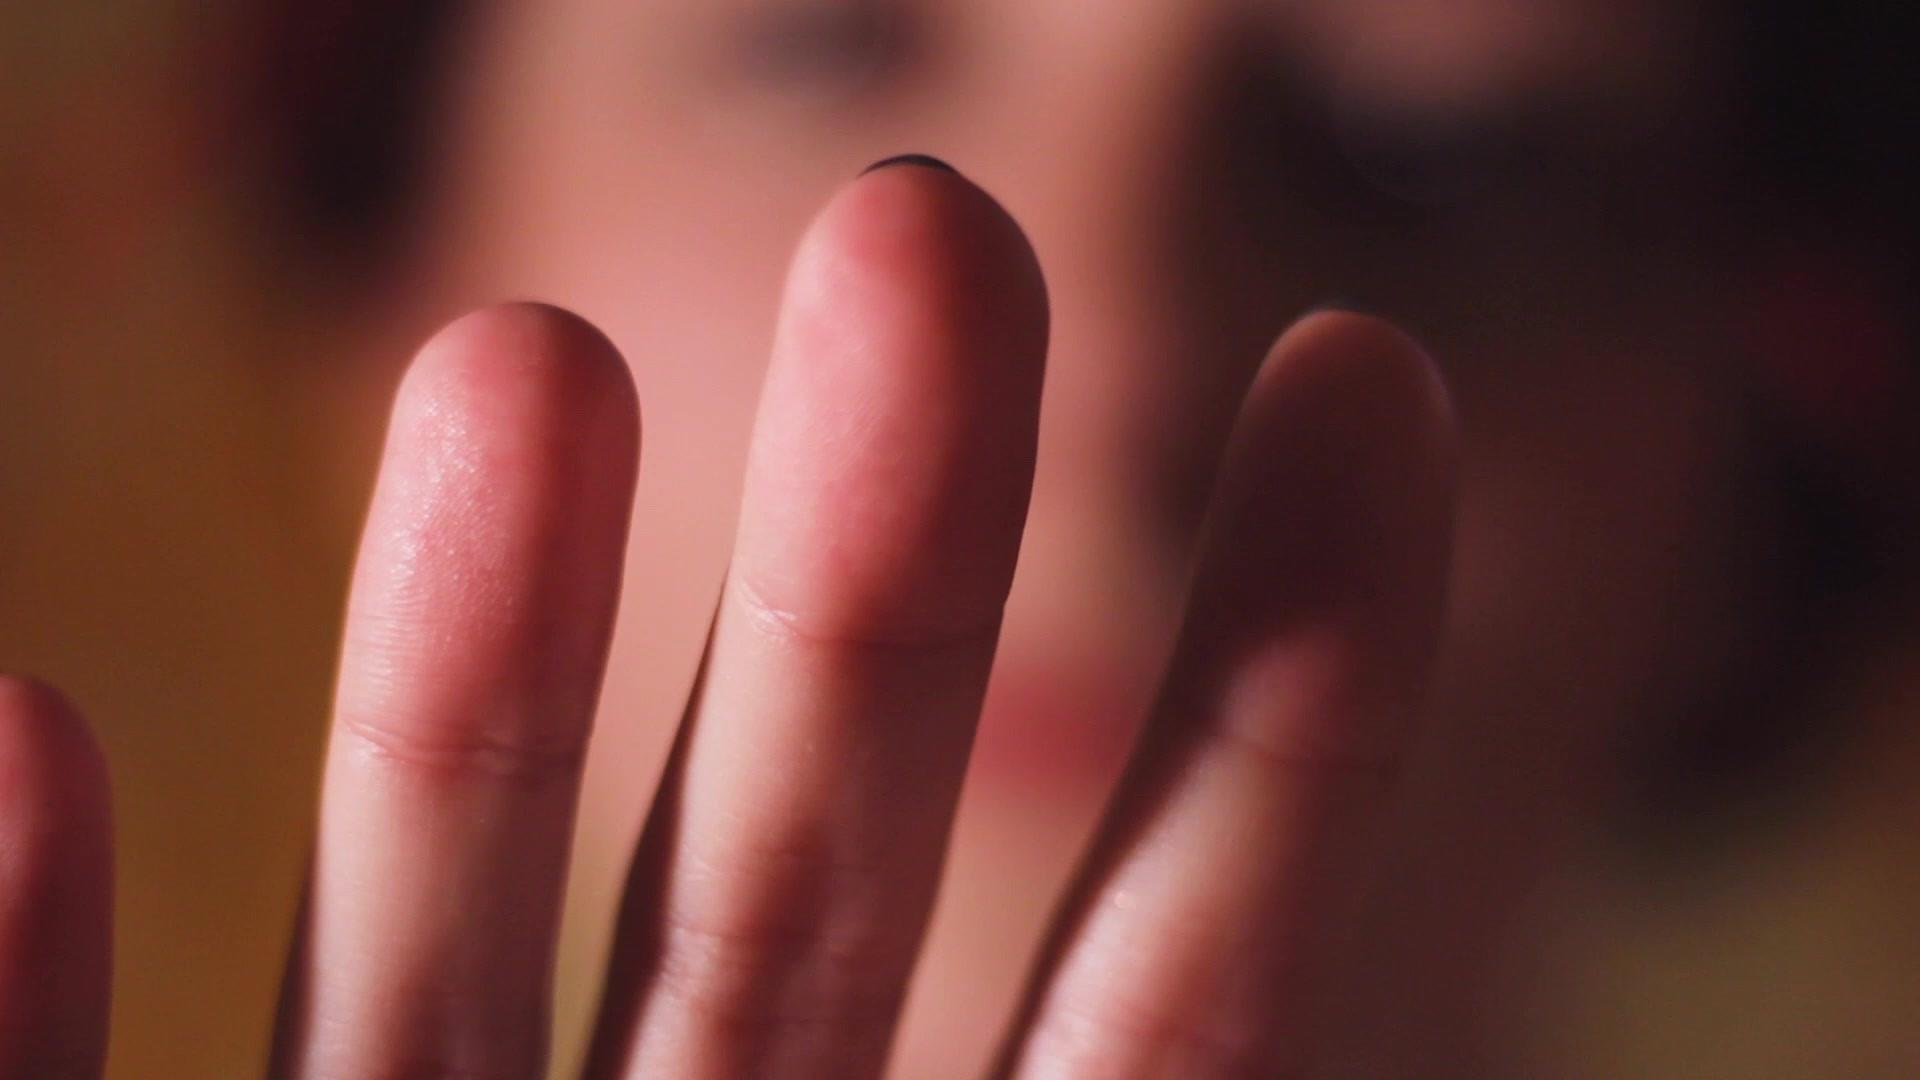 Finger Video.mp4